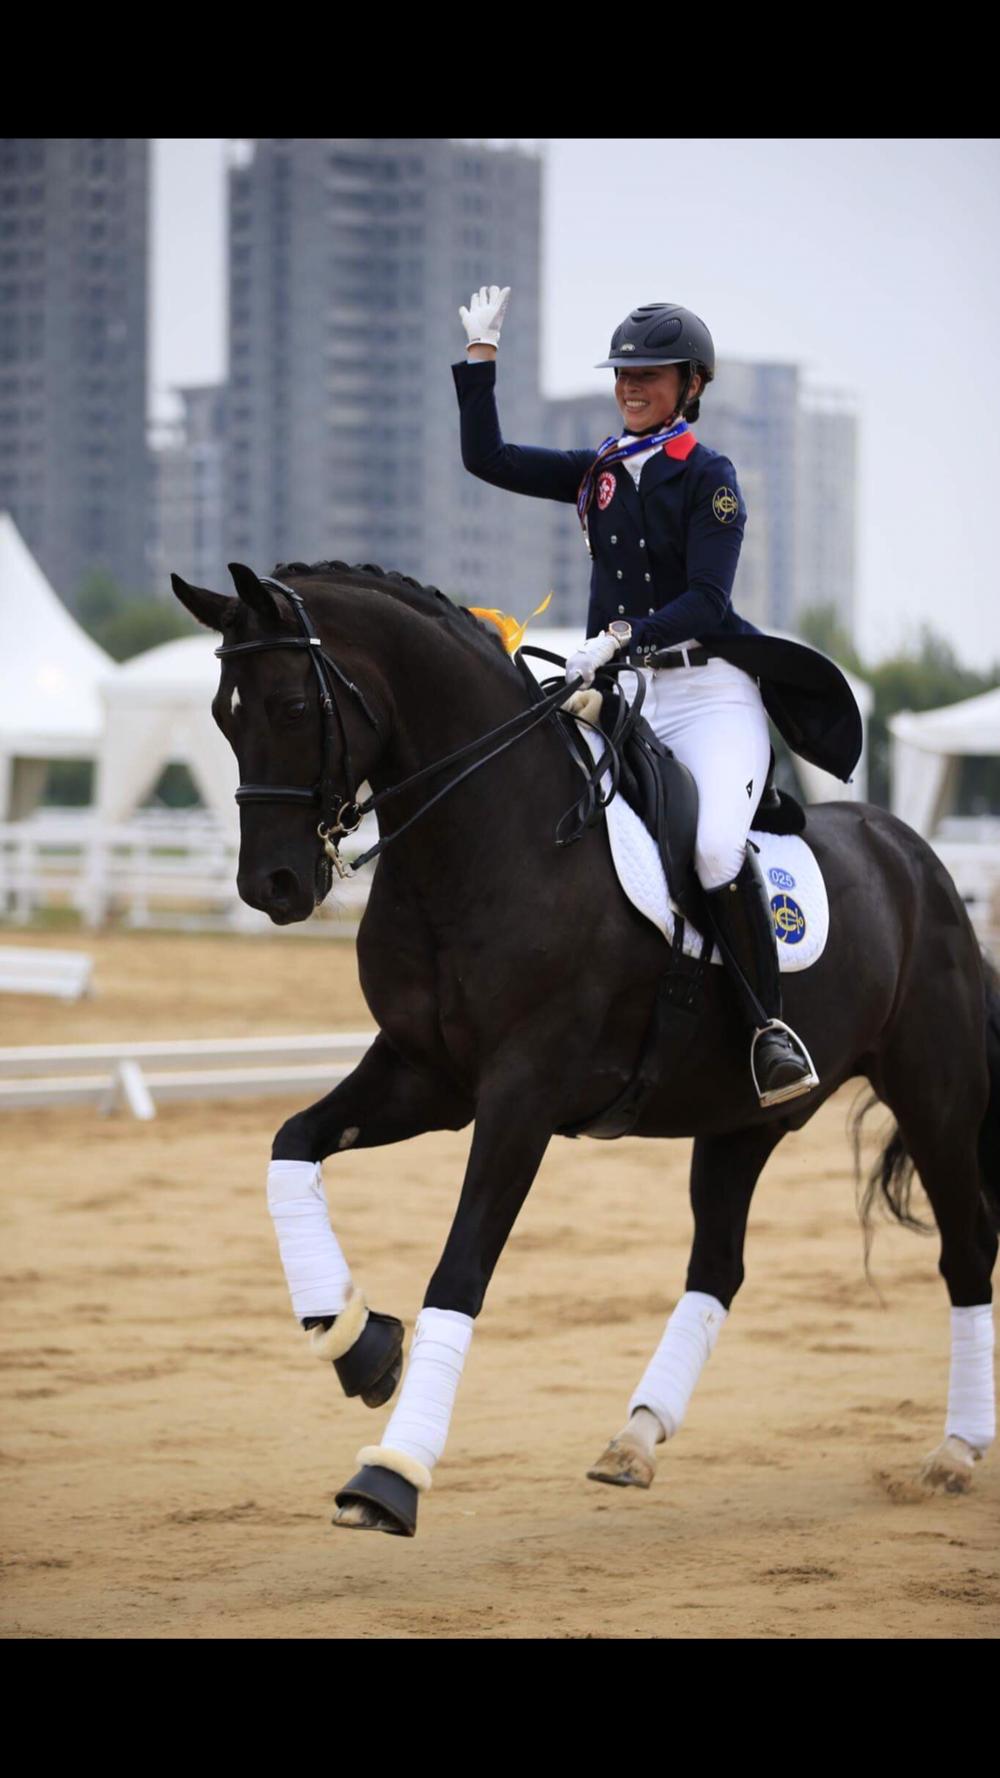 Jackie und Fürst gewinnen auf Anhieb in China die Silber Medaille